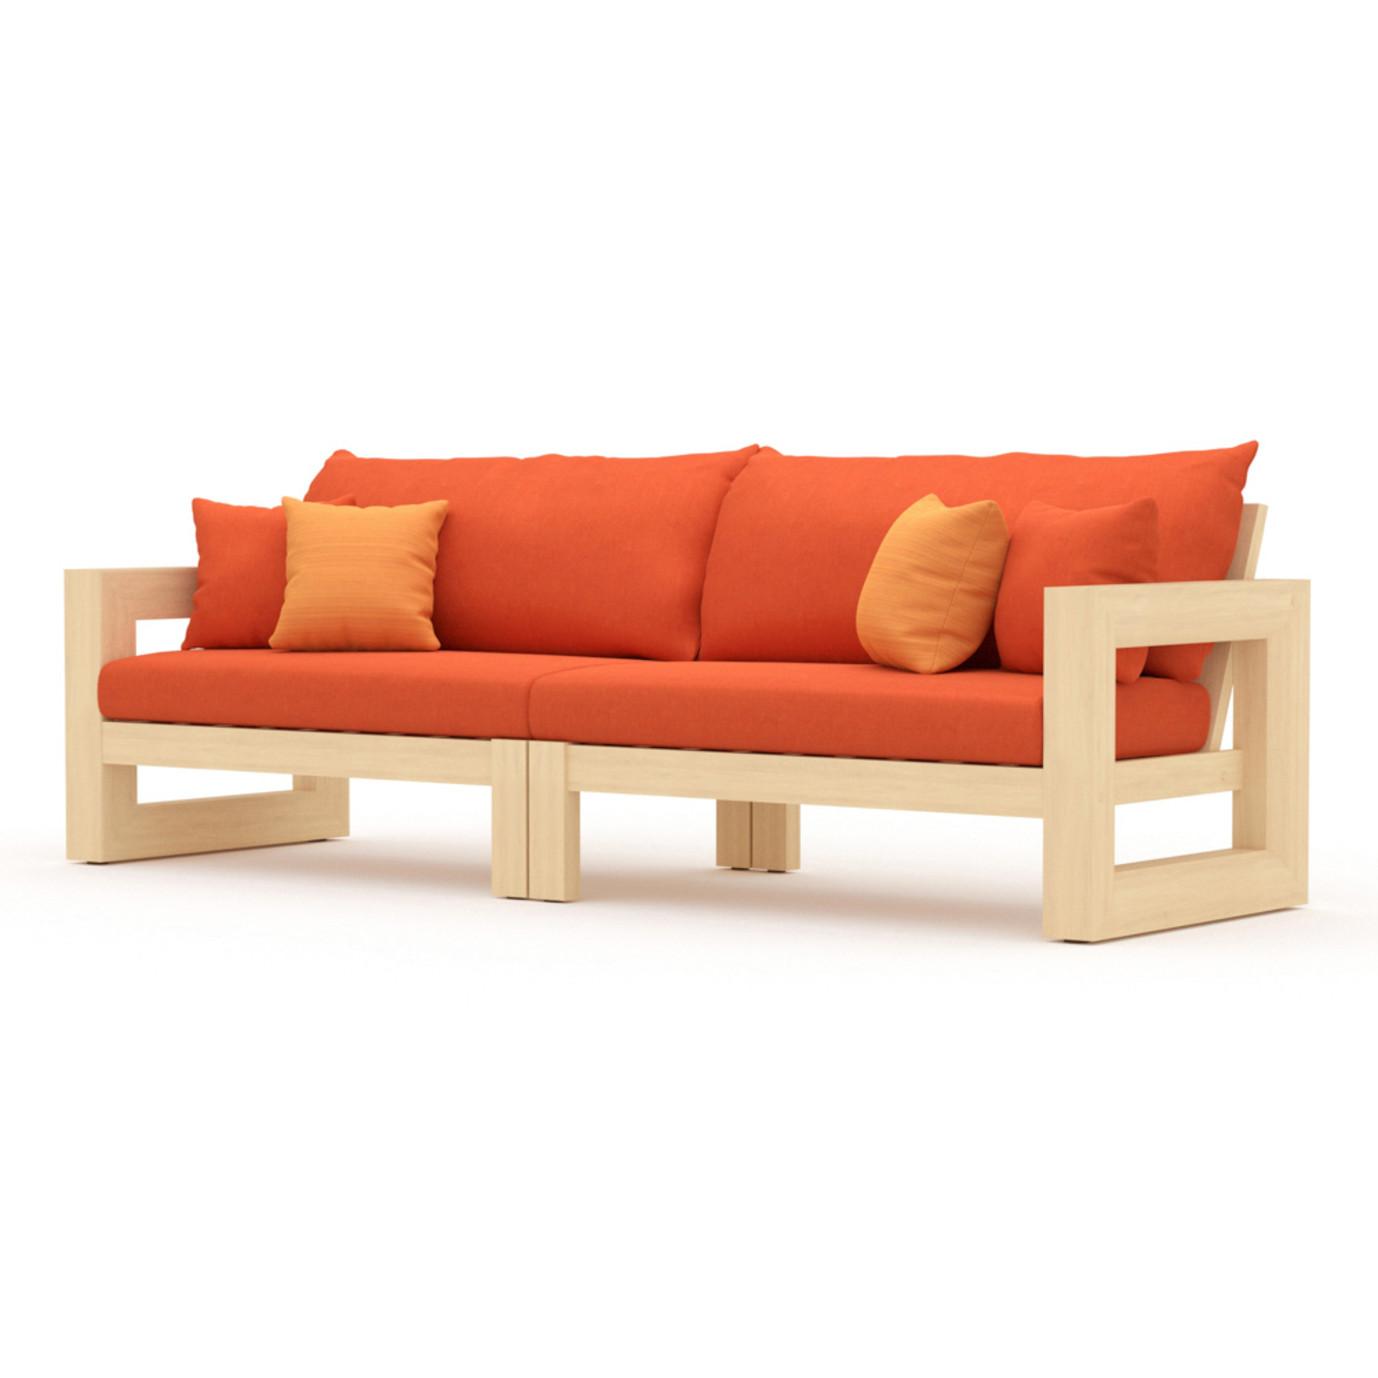 Benson 8 Piece Sofa & Club Chair Set - Tikka Orange